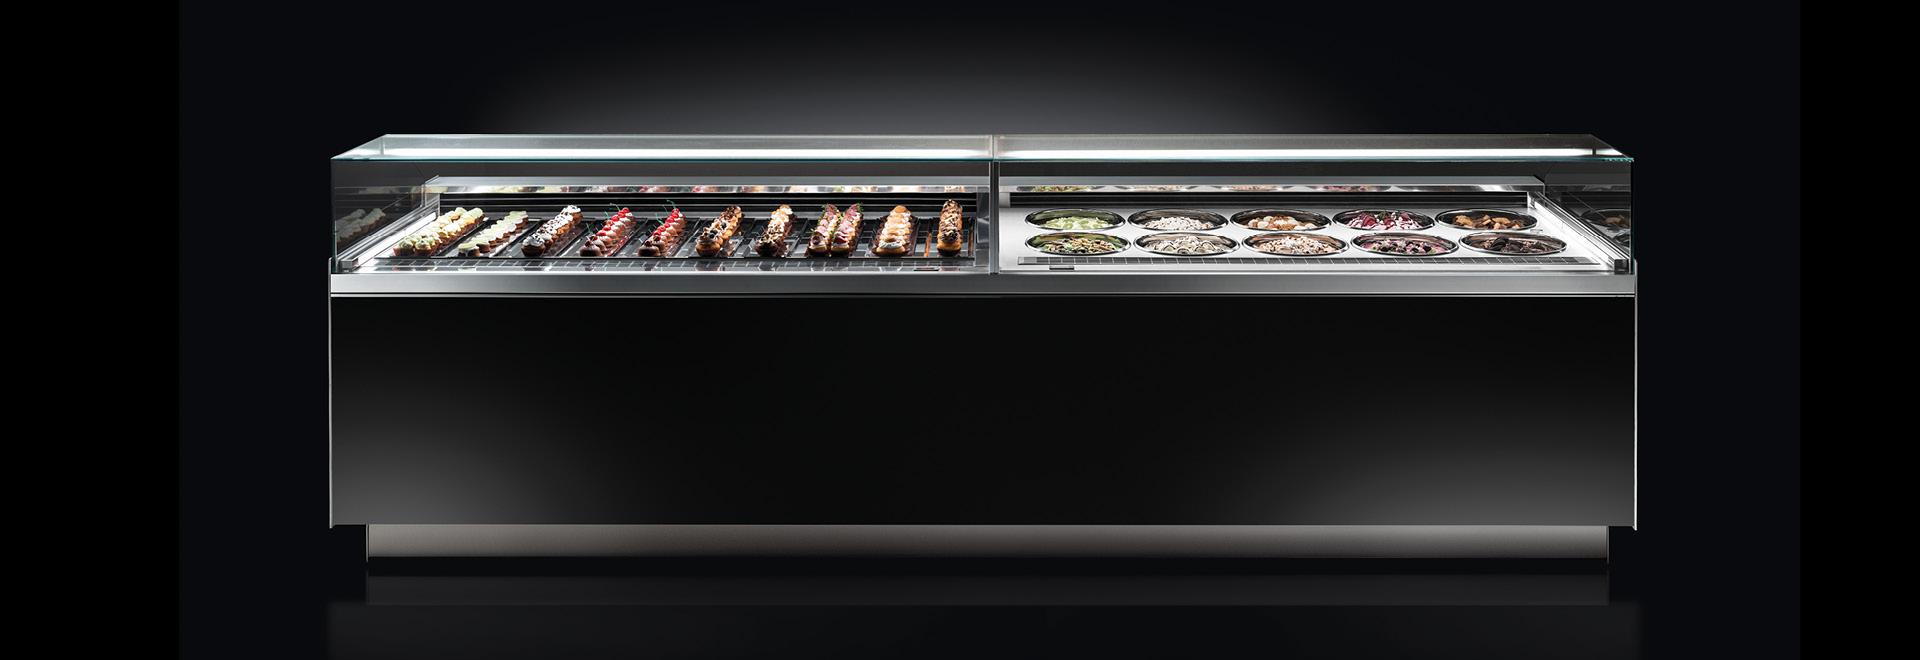 BRX _ Pozzetti gelato & Bar technology, il nuovo standard in 40 paesi nel mondo